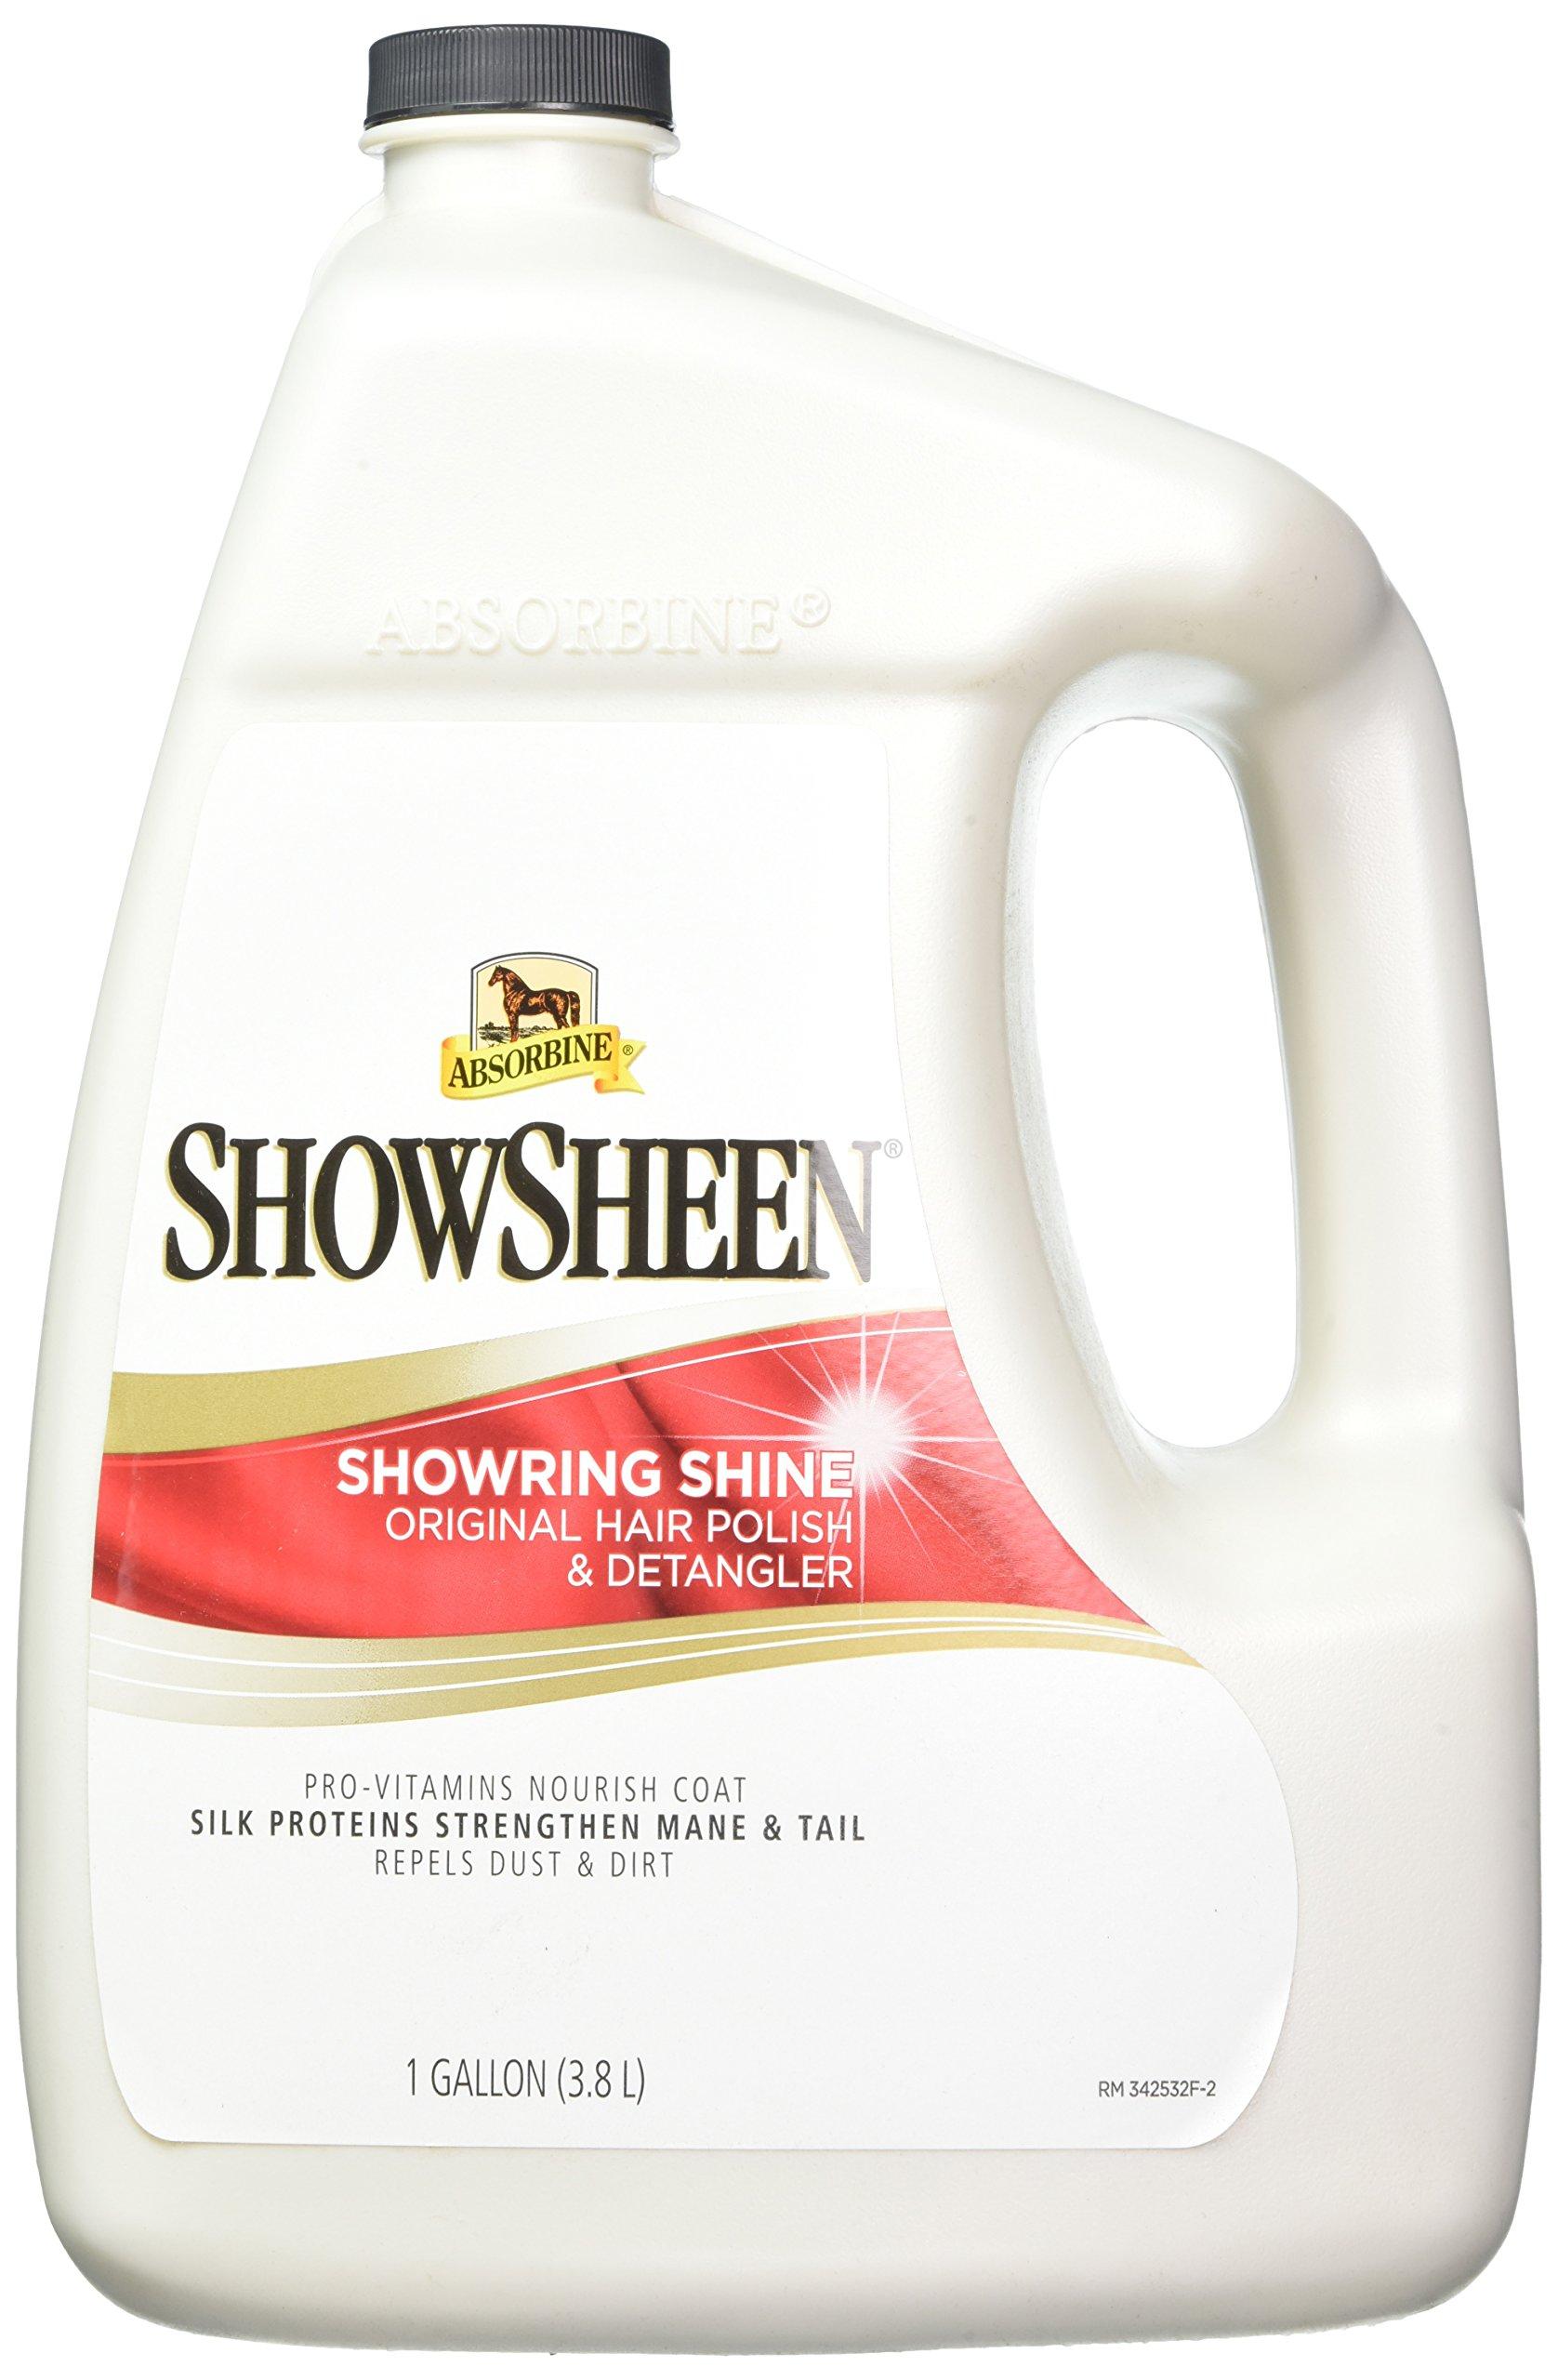 Absorbine Showsheen Showring Shine Detangler, 1 Gallon